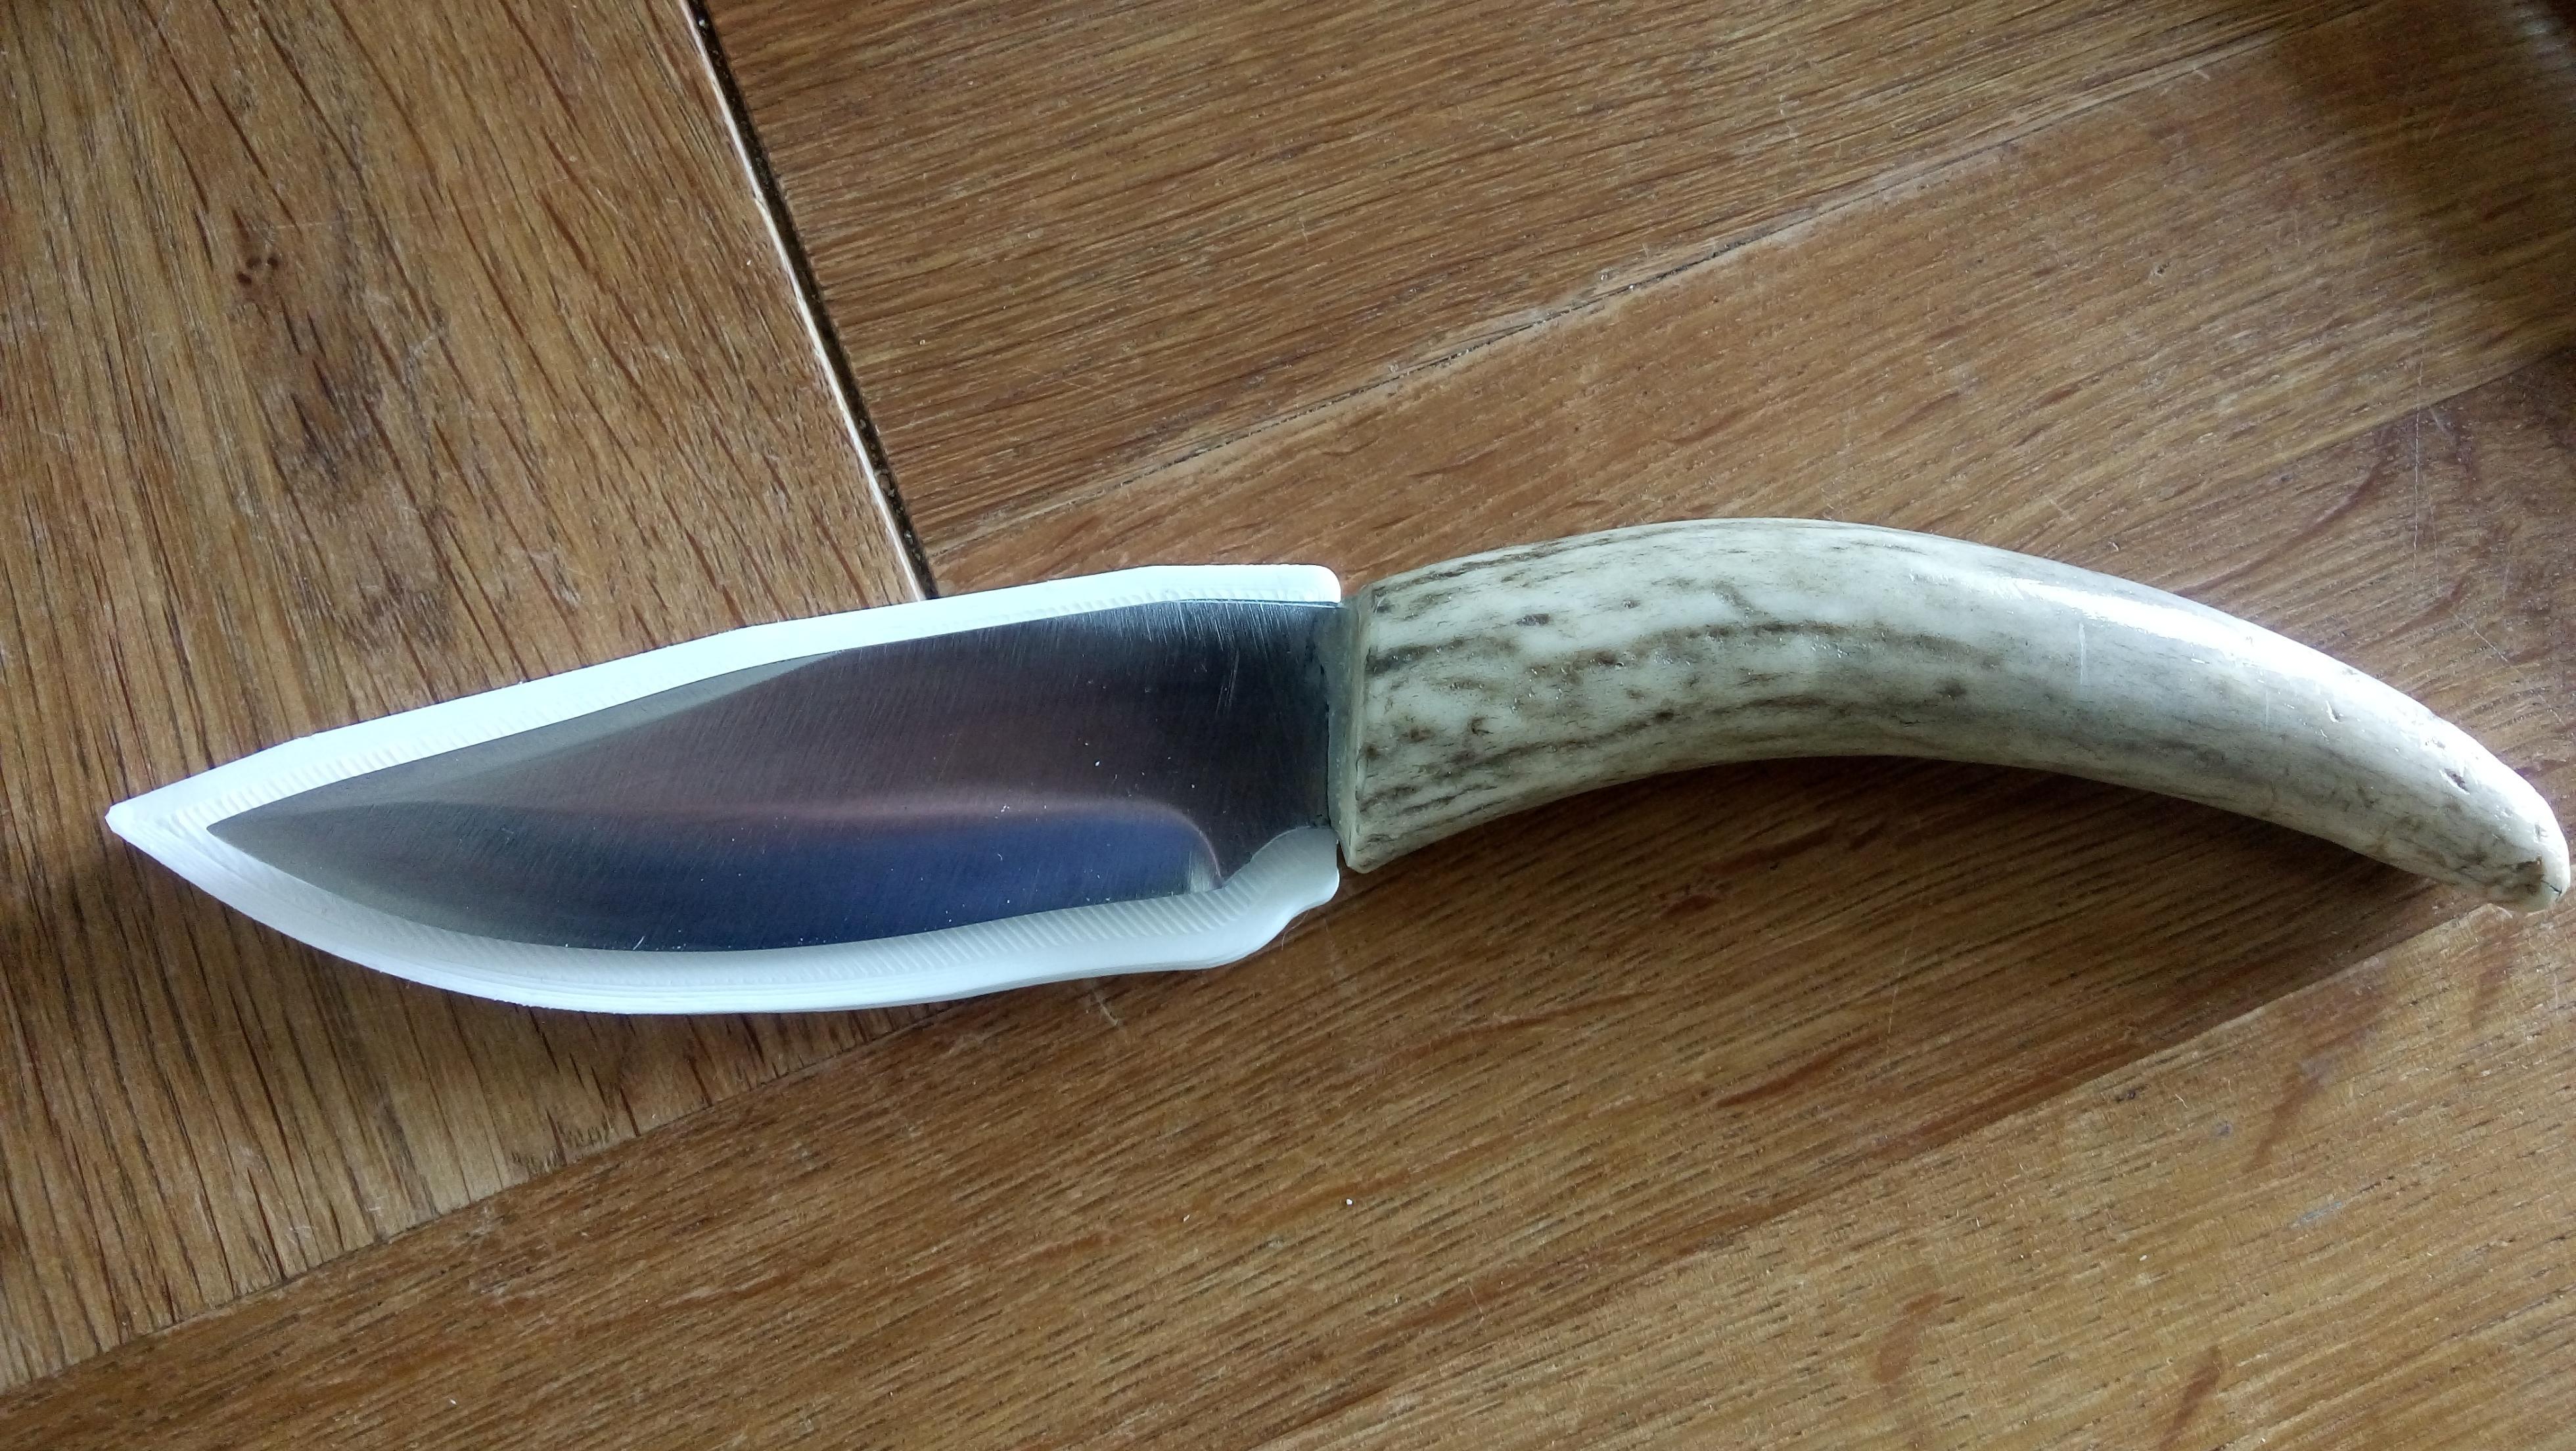 170821-DSC_2402.JPG Télécharger fichier STL gratuit Gaine de base pour un couteau sur mesure (couteau inclus) • Design à imprimer en 3D, Milan_Gajic